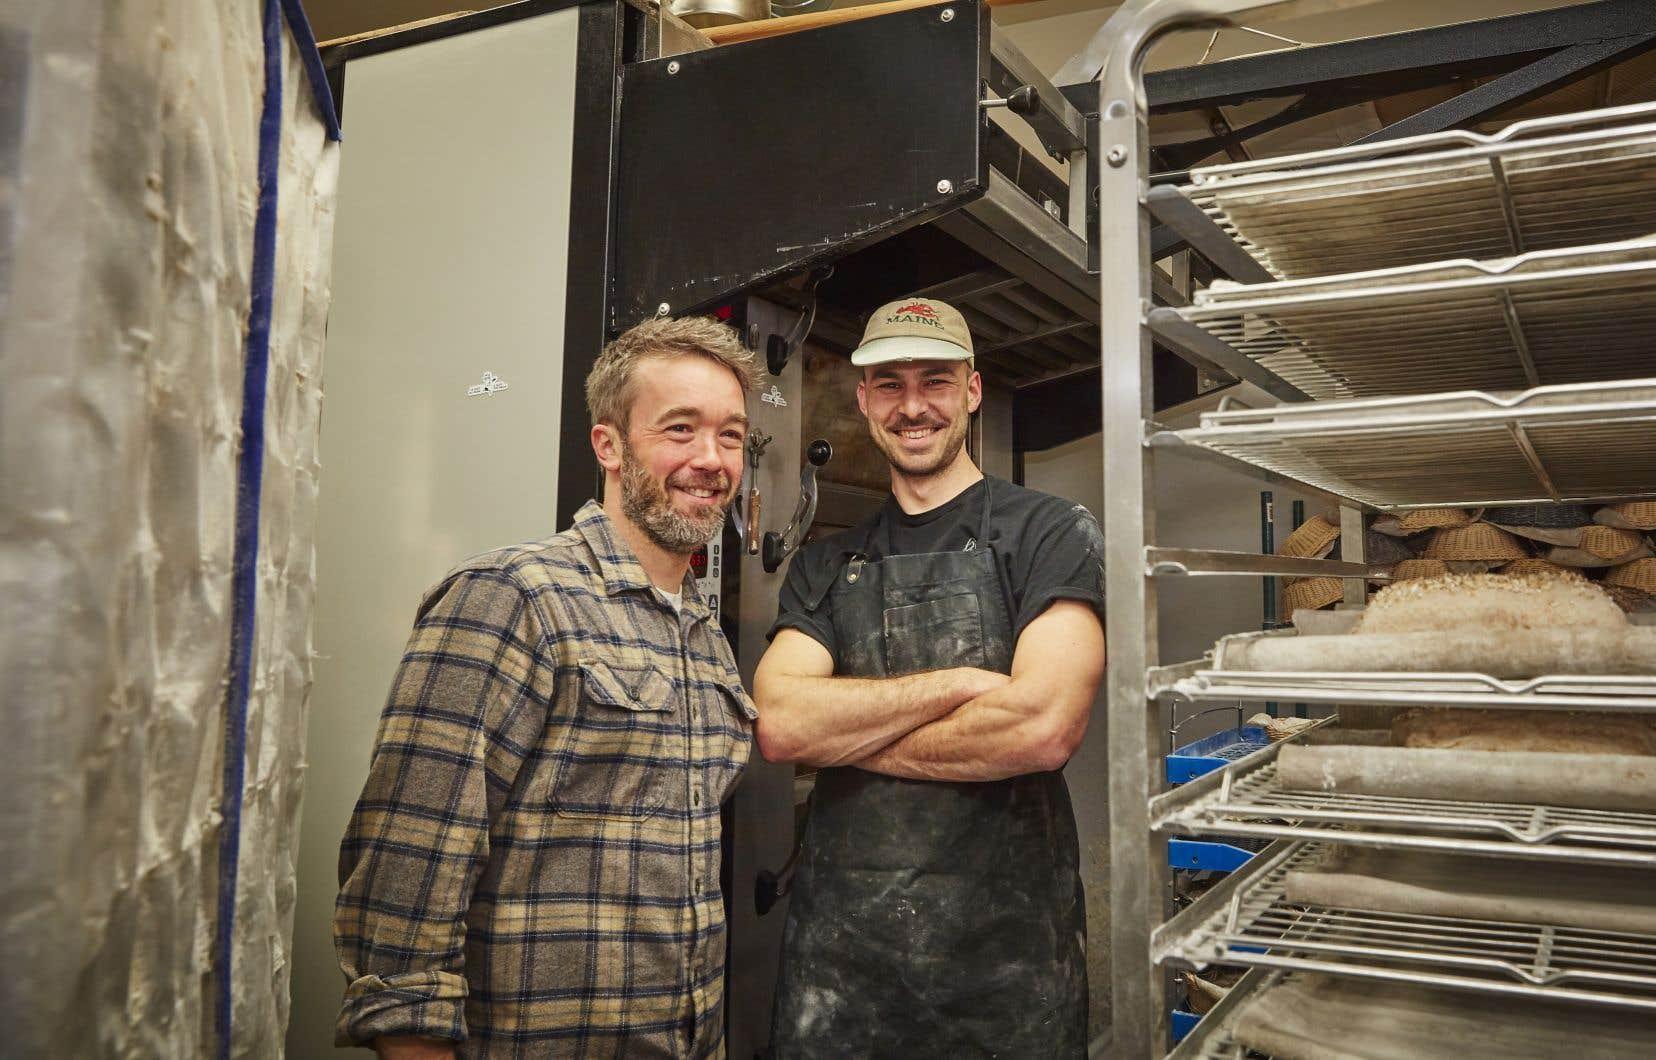 Julien Roy et Seth Gabrielse, propriétaires de la boulangerie Automne, à Montréal, font partie de la nouvelle vague d'artisans qui font rayonner la boulangerie artisanale au Québec.